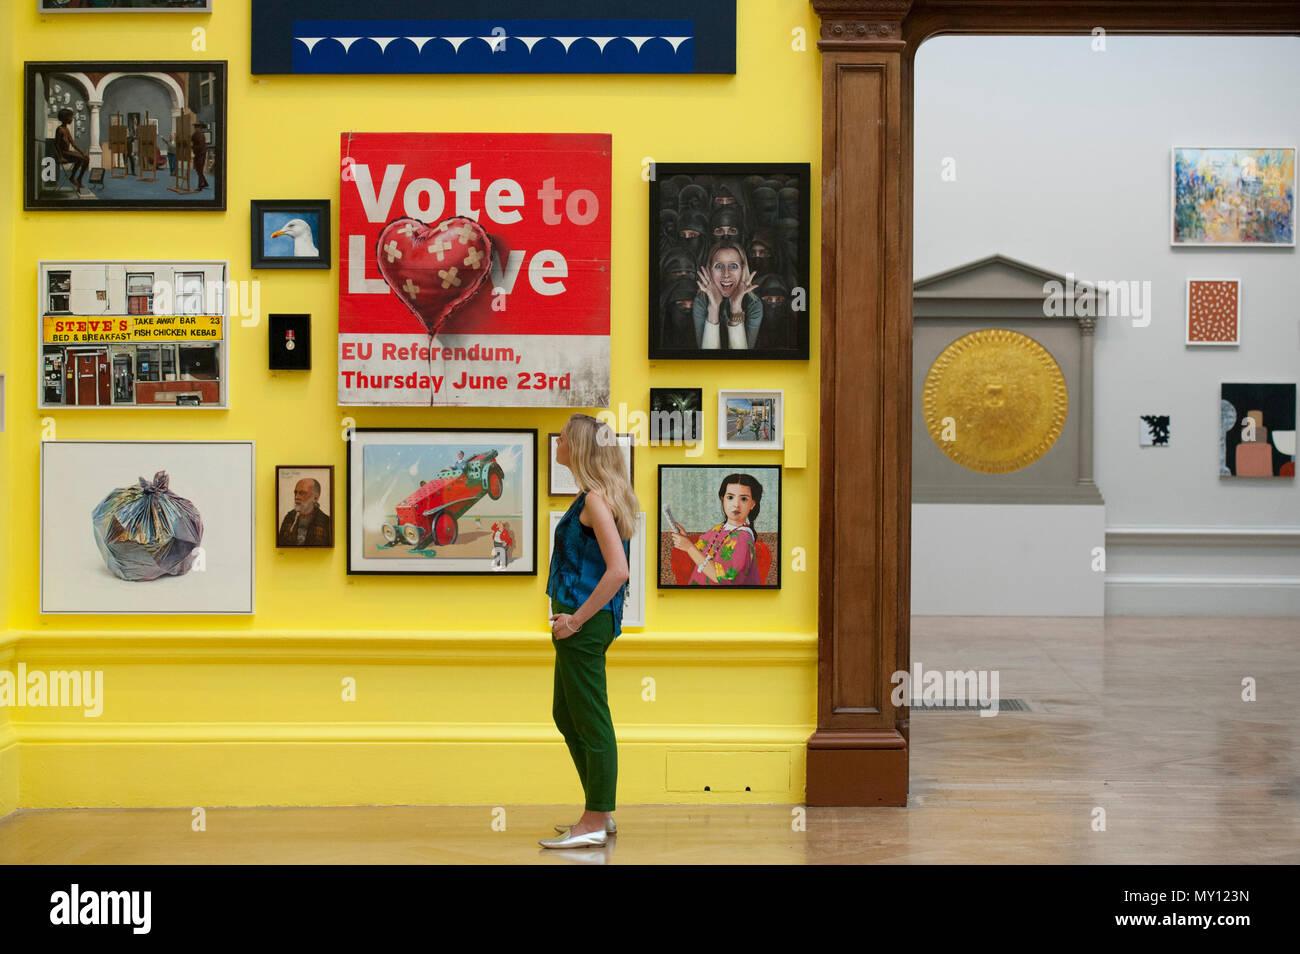 Burlington House, London, Großbritannien. 5. Juni 2018. Der Jahresbericht der Königlichen Akademie Sommer Ausstellung feiert ihr 250-jähriges Bestehen. Diese bedeutsamer Anlass, die Ausstellung wird koordiniert von Grayson Perry RA, der mit seinem Ausschuss anderer Künstler über 1.300 Kunstwerke in ein Array von Medien ausgesucht haben. Es ist eine monumentale Skulptur von Anish Kapoor RA im Hof, und innerhalb der Galerien Sie riesige neue Werke von David Hockney RA und Joana Vasconcelos finden. Foto: Banksy, abstimmen zu lassen. Credit: Malcolm Park Redaktion/Alamy leben Nachrichten Stockbild